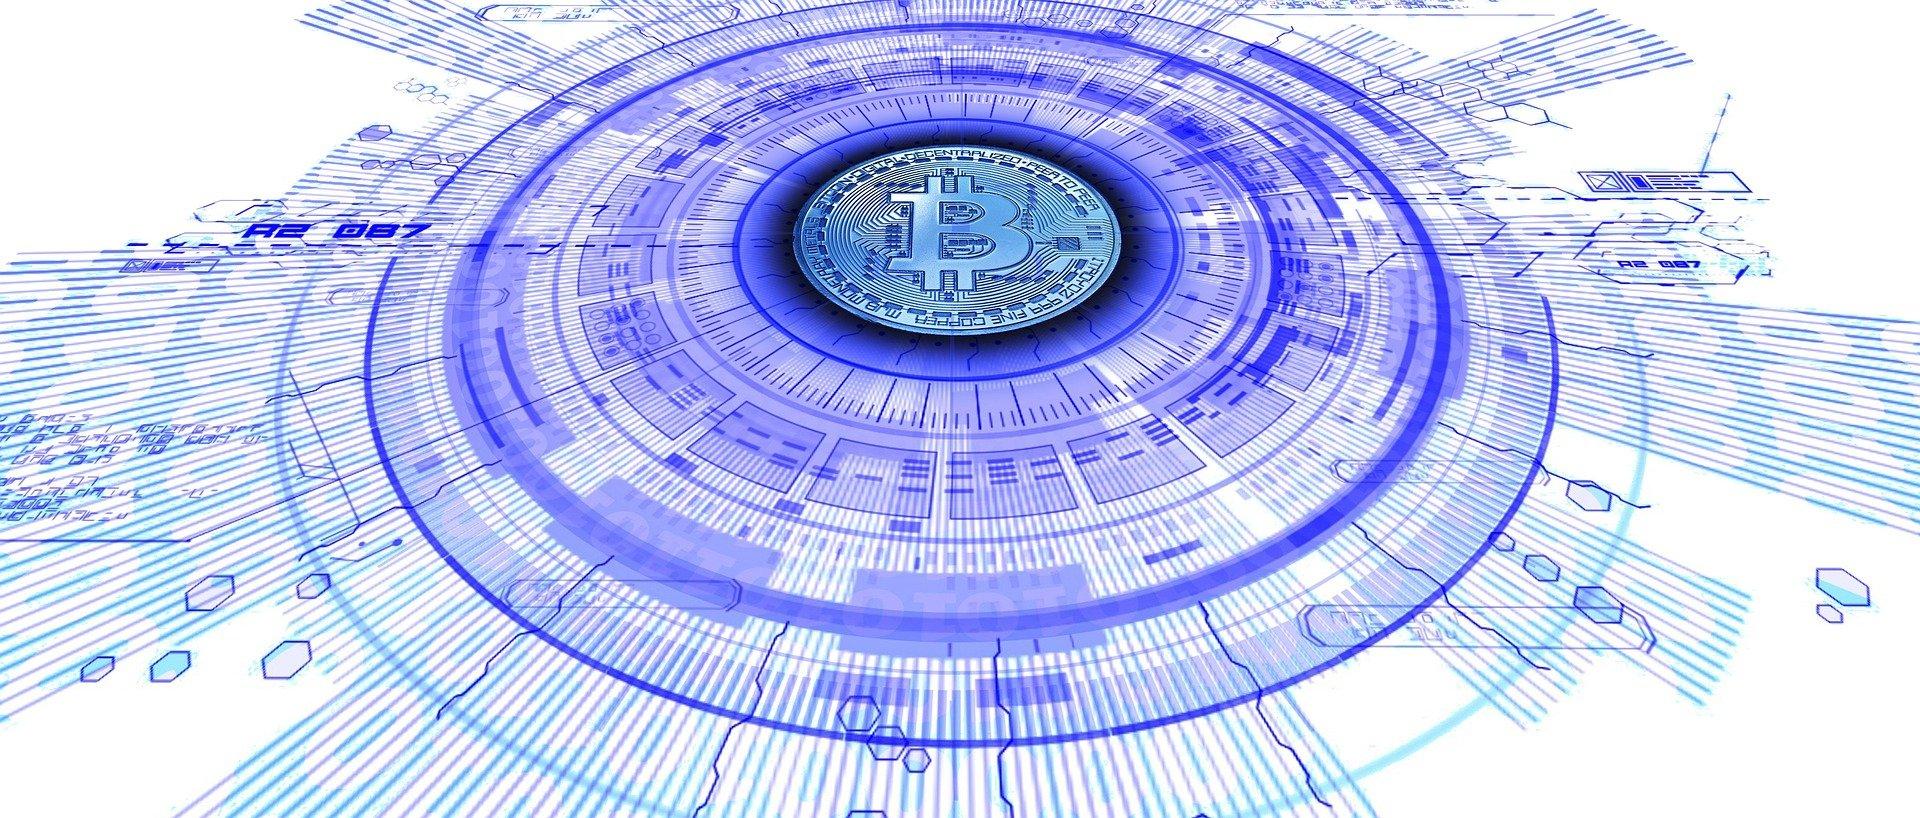 blockchain-3212312_1920